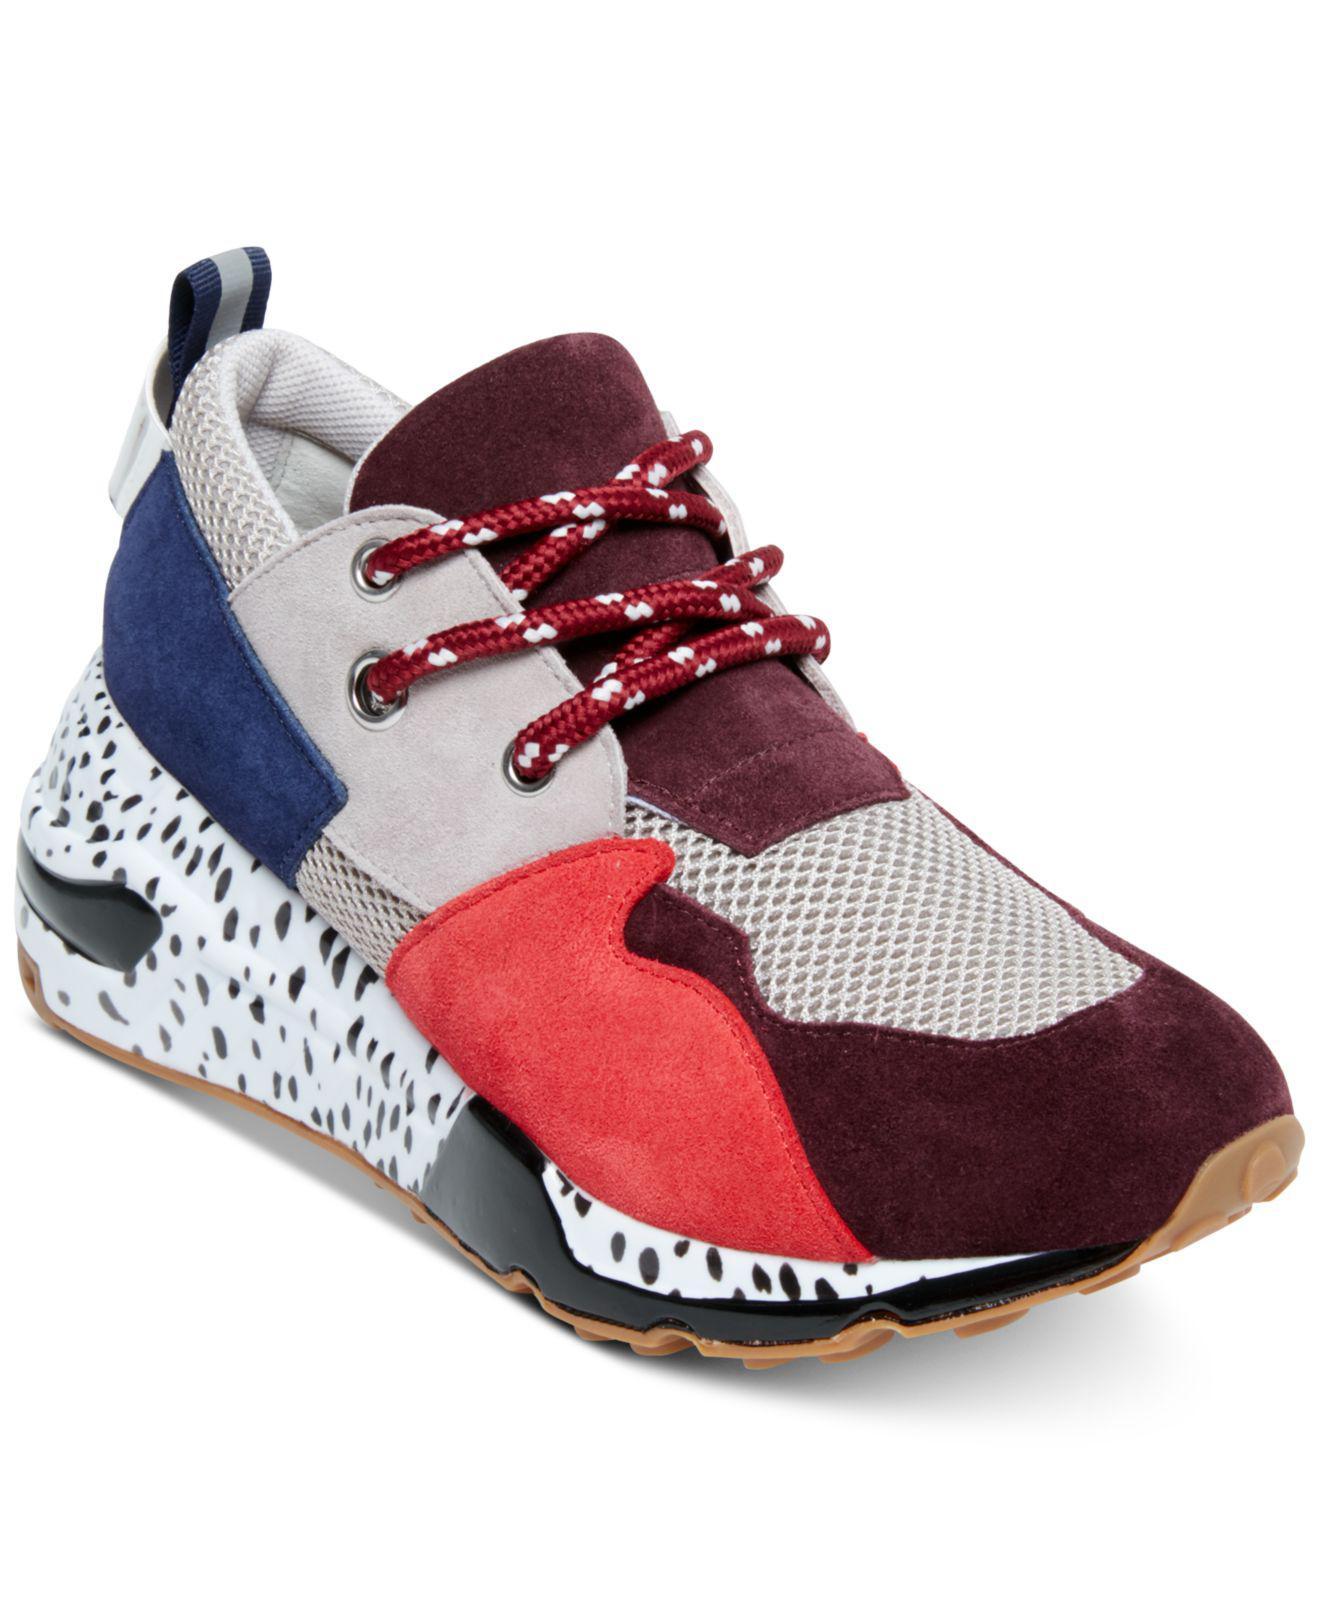 72bb1c70444 Steve Madden - Red Cliff Sneaker - Lyst. View fullscreen